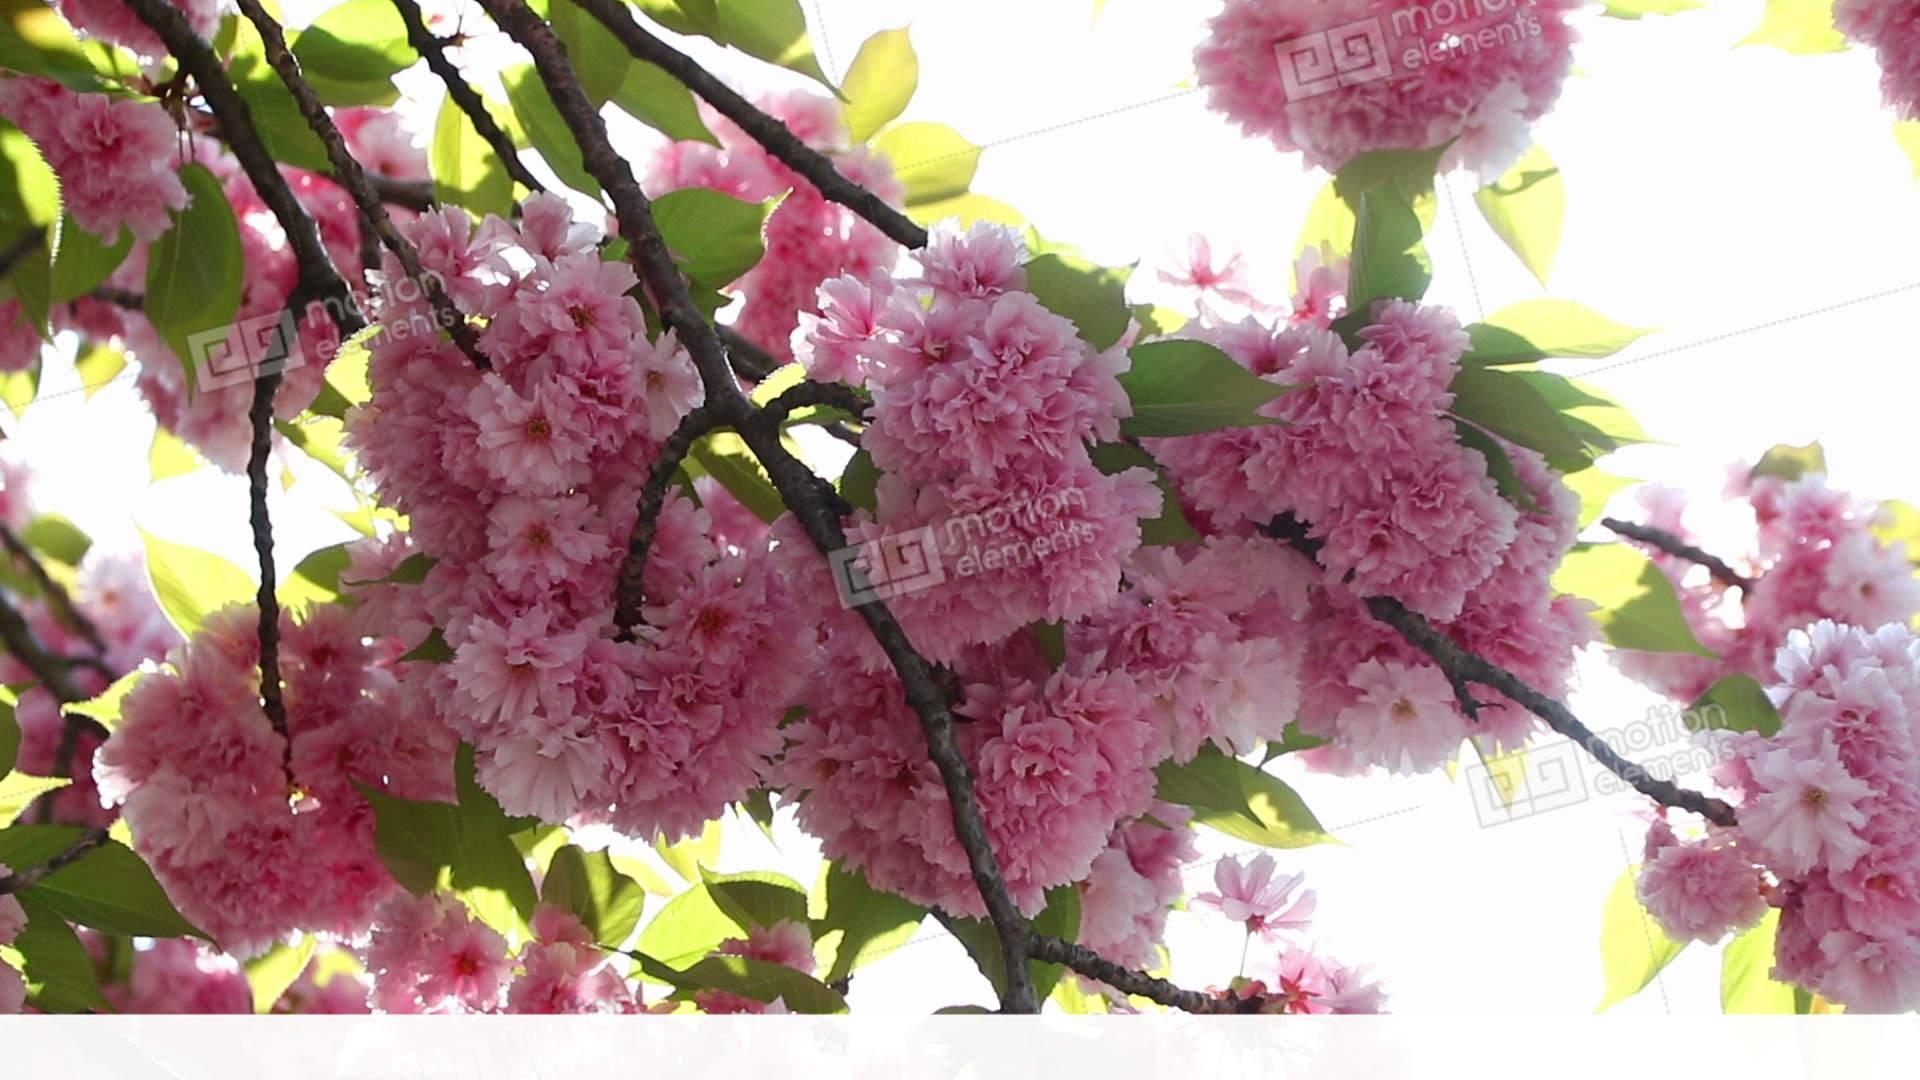 Blooming Pink Sakura Tree Branch Cherry Sakura Spring Flowers Stock